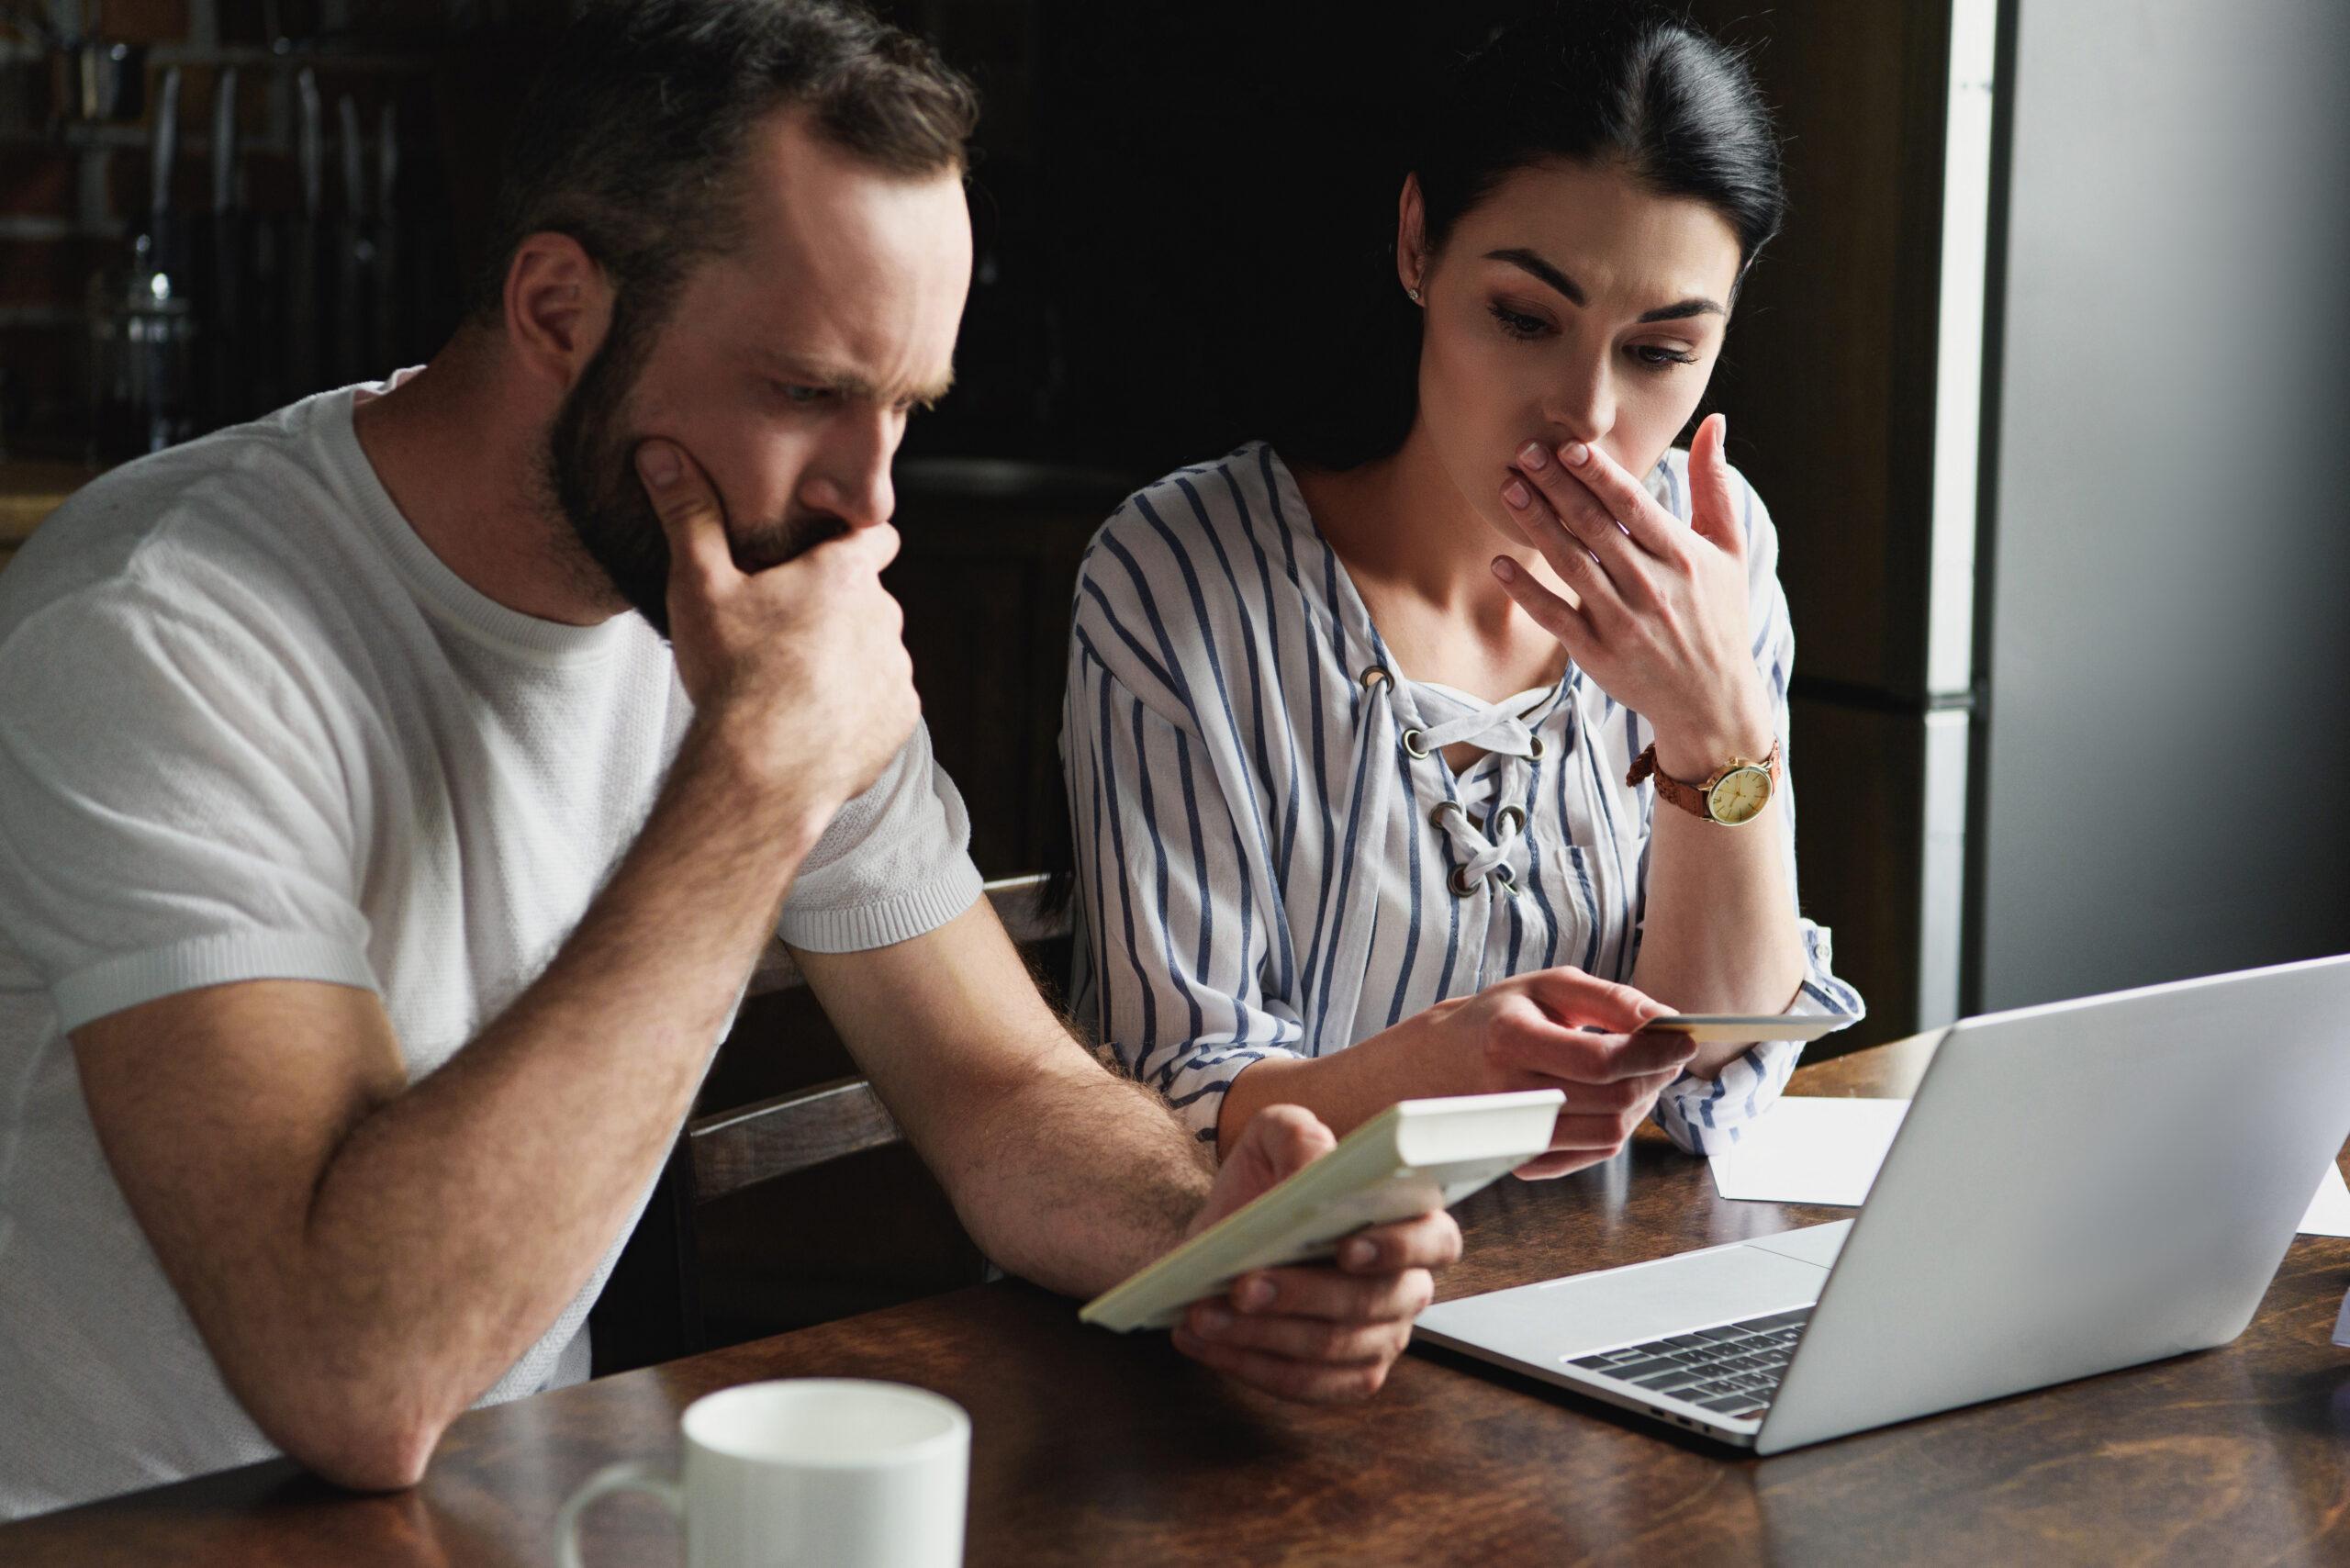 nie wywiązywanie się z zobowiązań finansowych grozi wpisem do rejestru dłużników